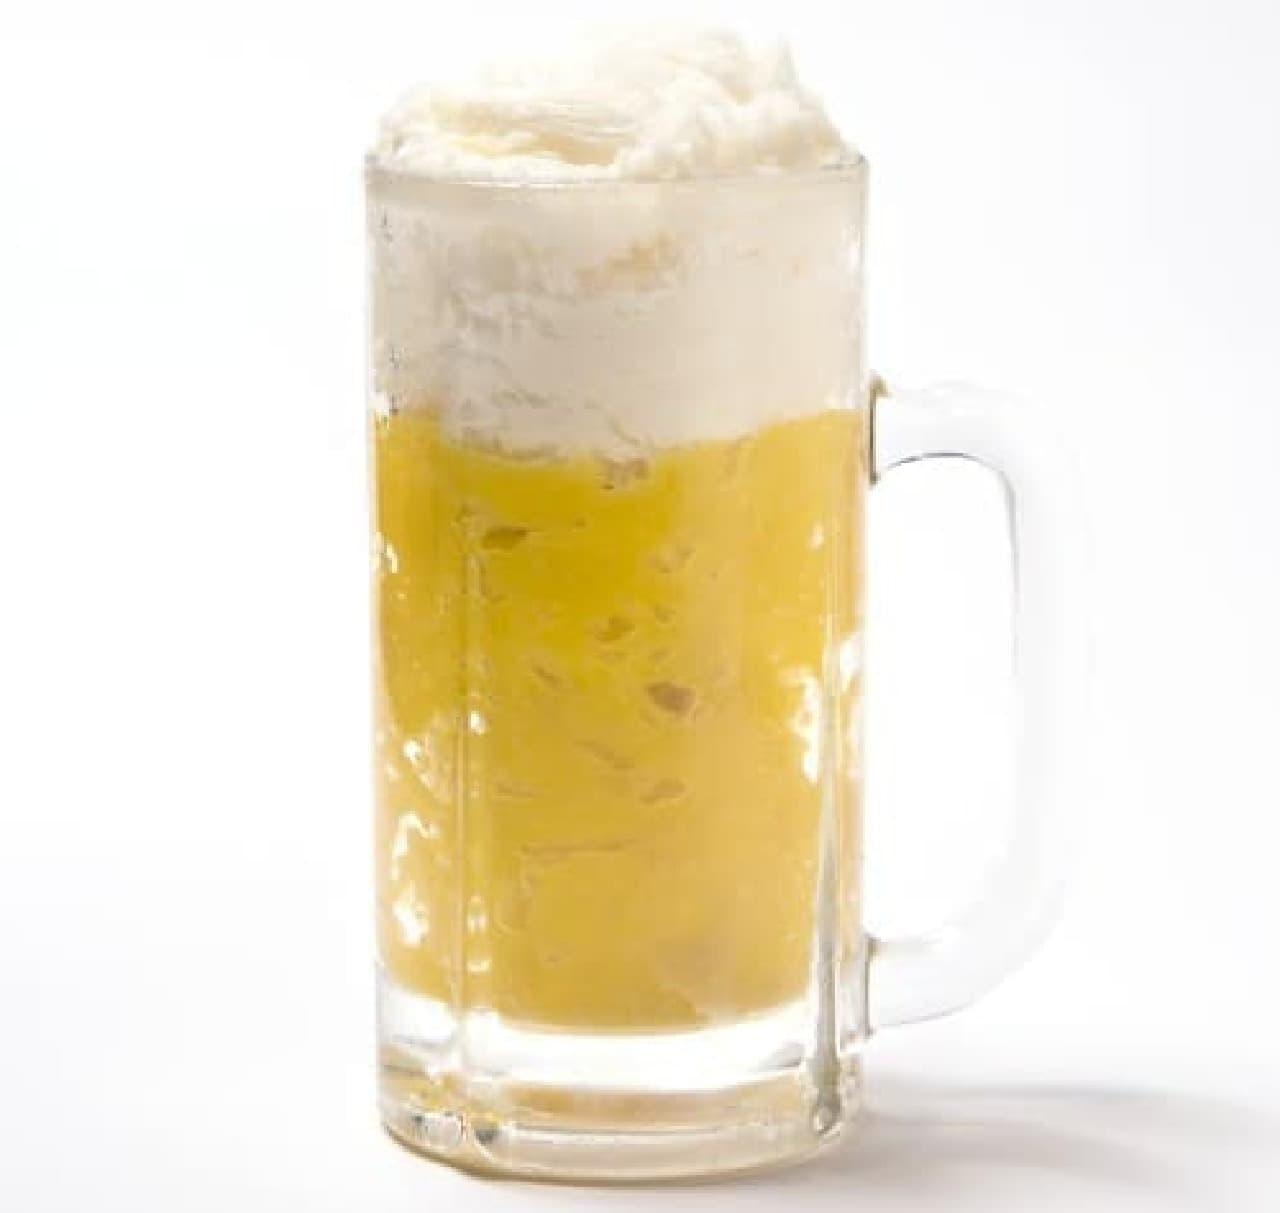 アイスモンスター「ビールかき氷」